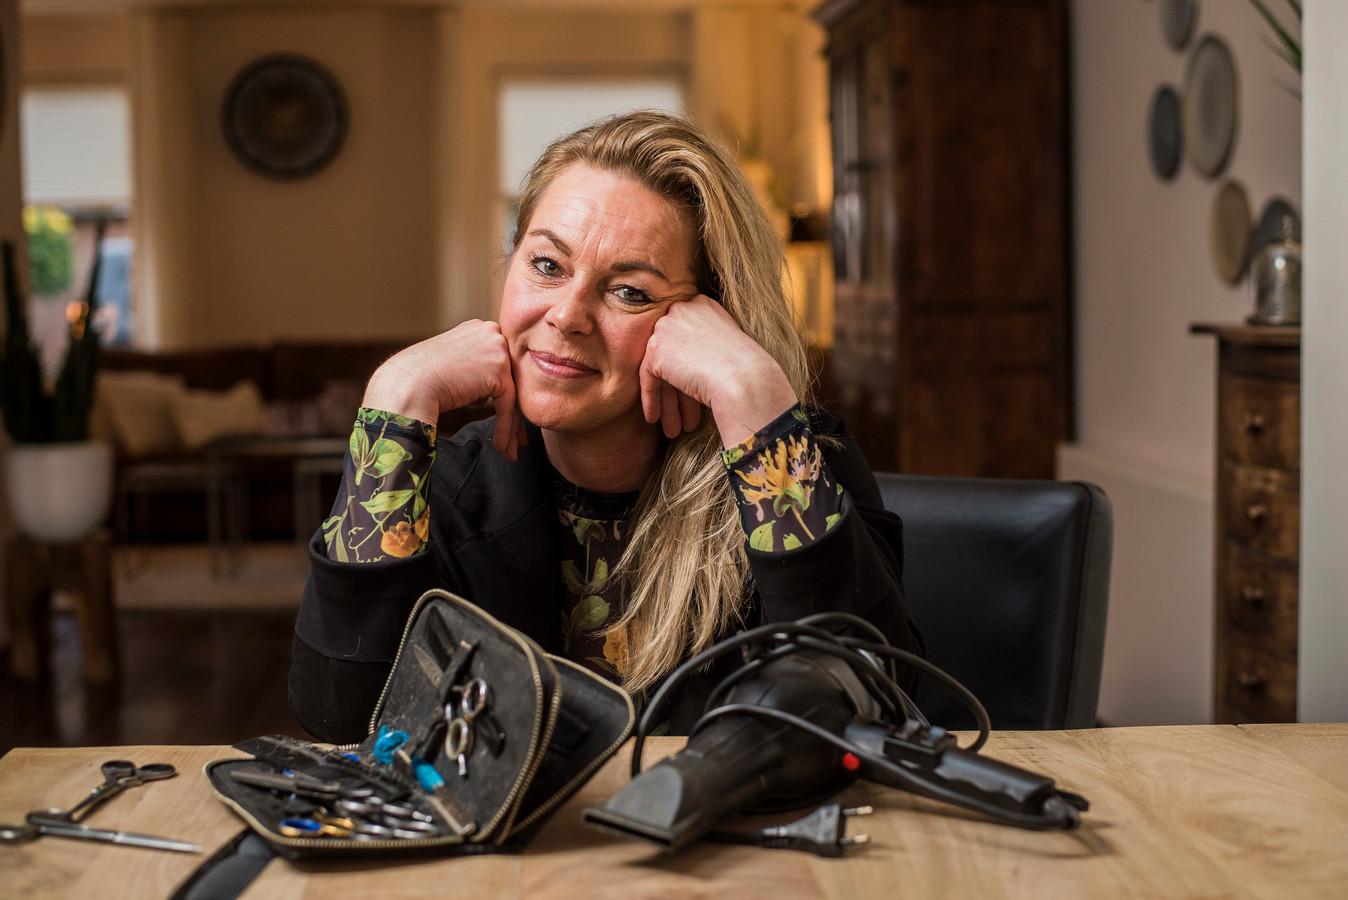 Pascalle Thüss is kapster aan huis, maar mag sinds de lockdown niet meer knippen. Ze krijgt ook geen tegemoetkoming.